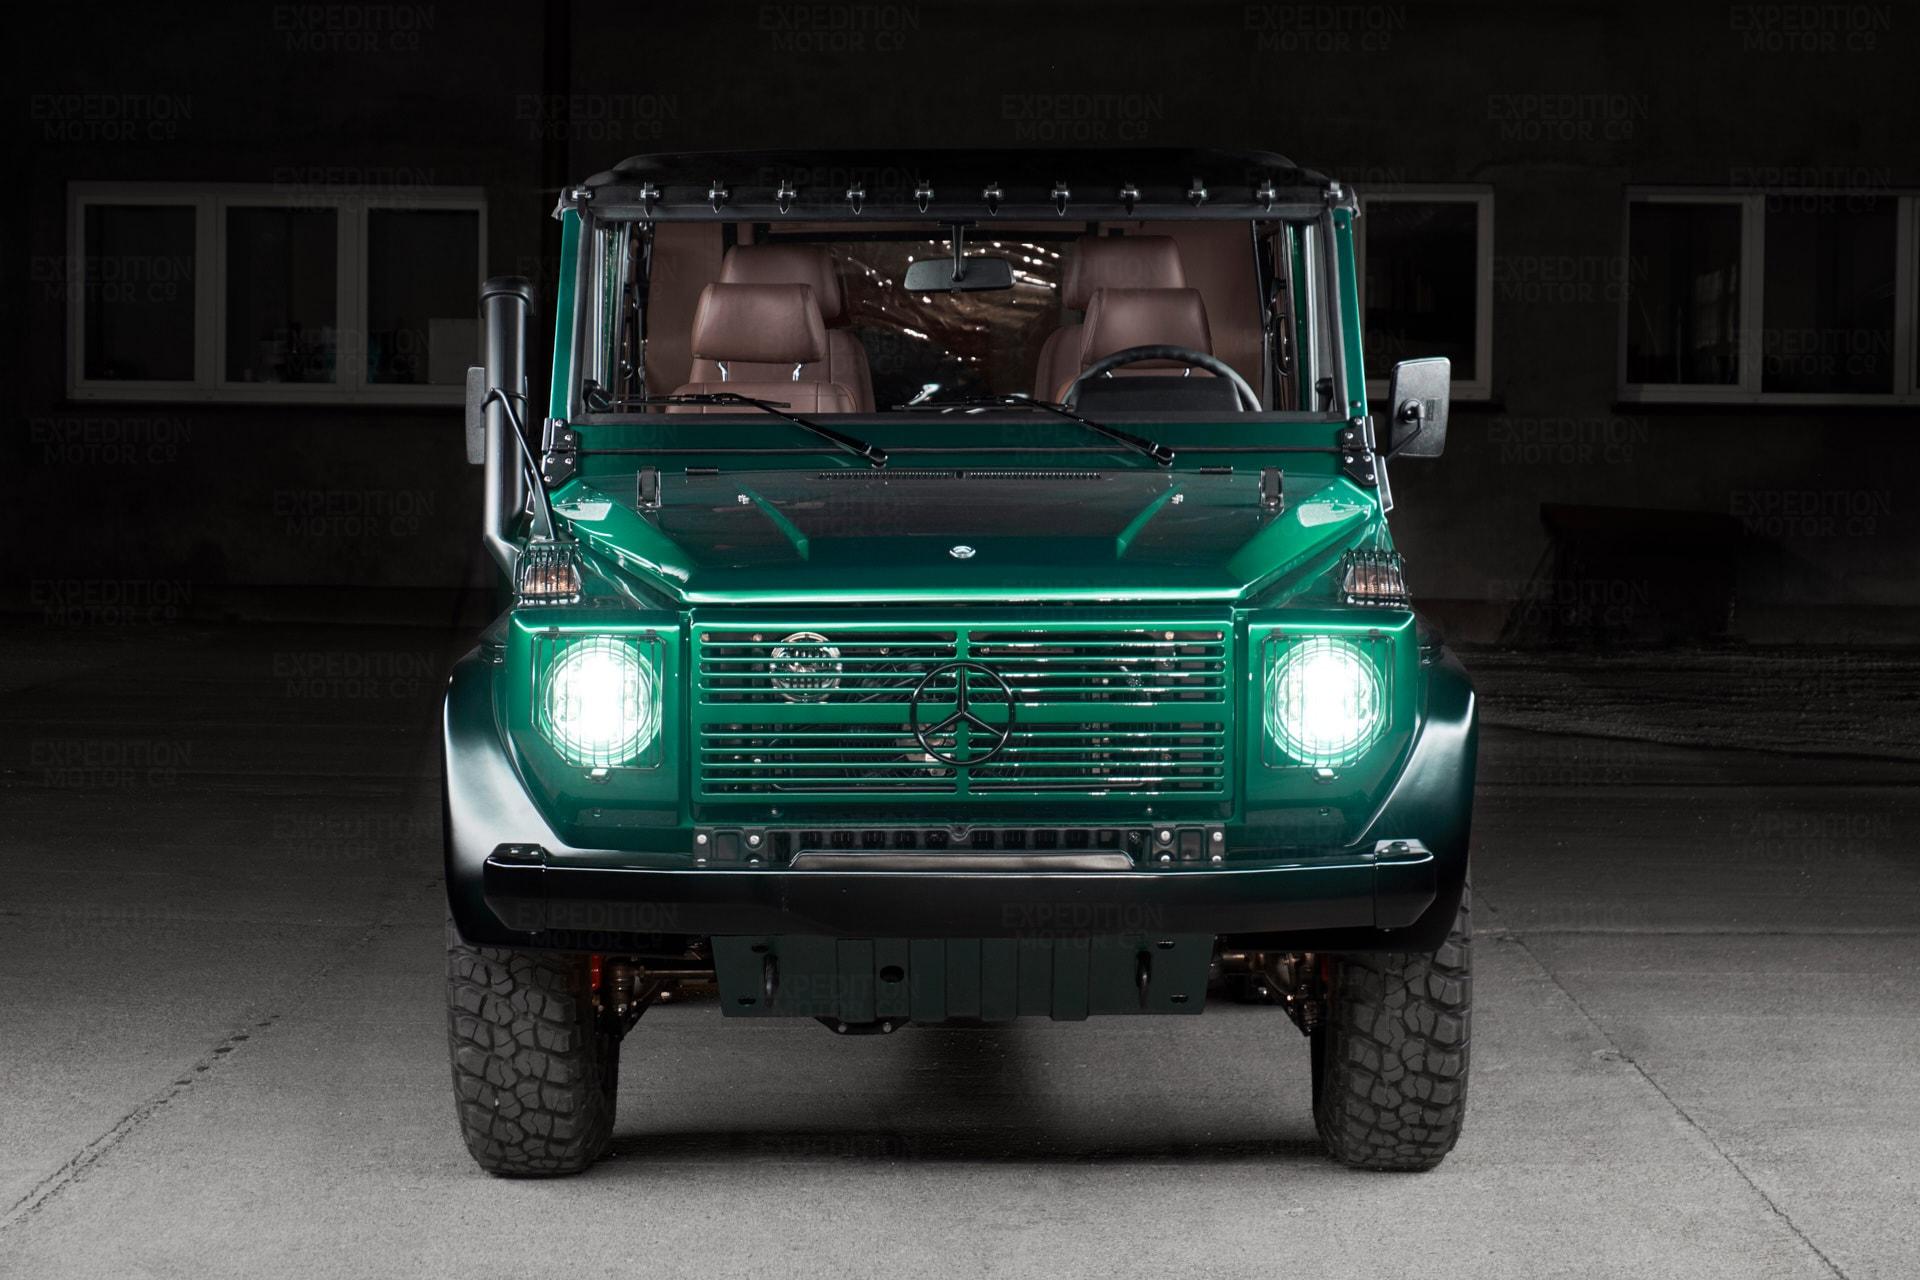 2A-004-Convertible-Mercedes-G-250-070192